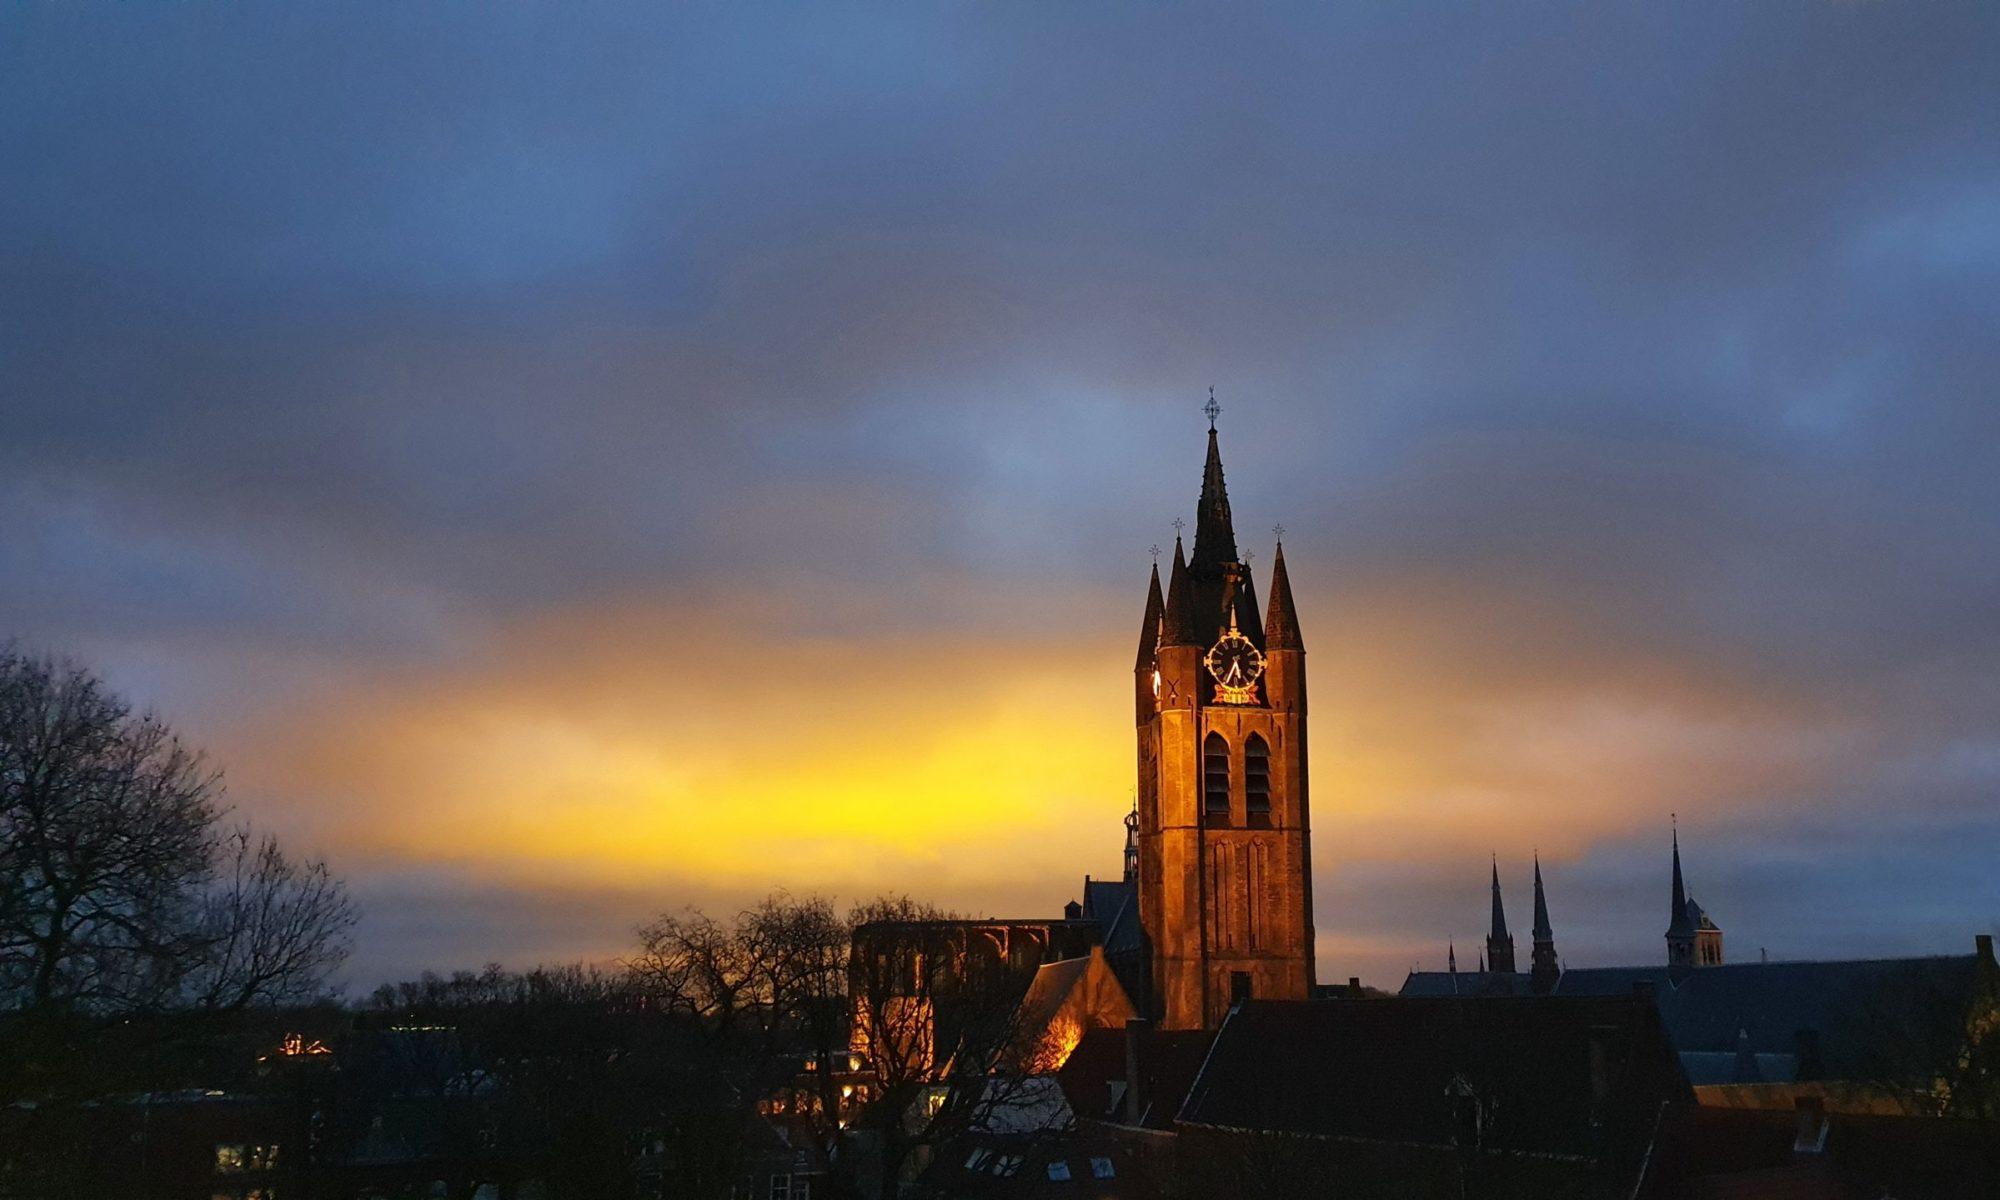 Celloles in Delft